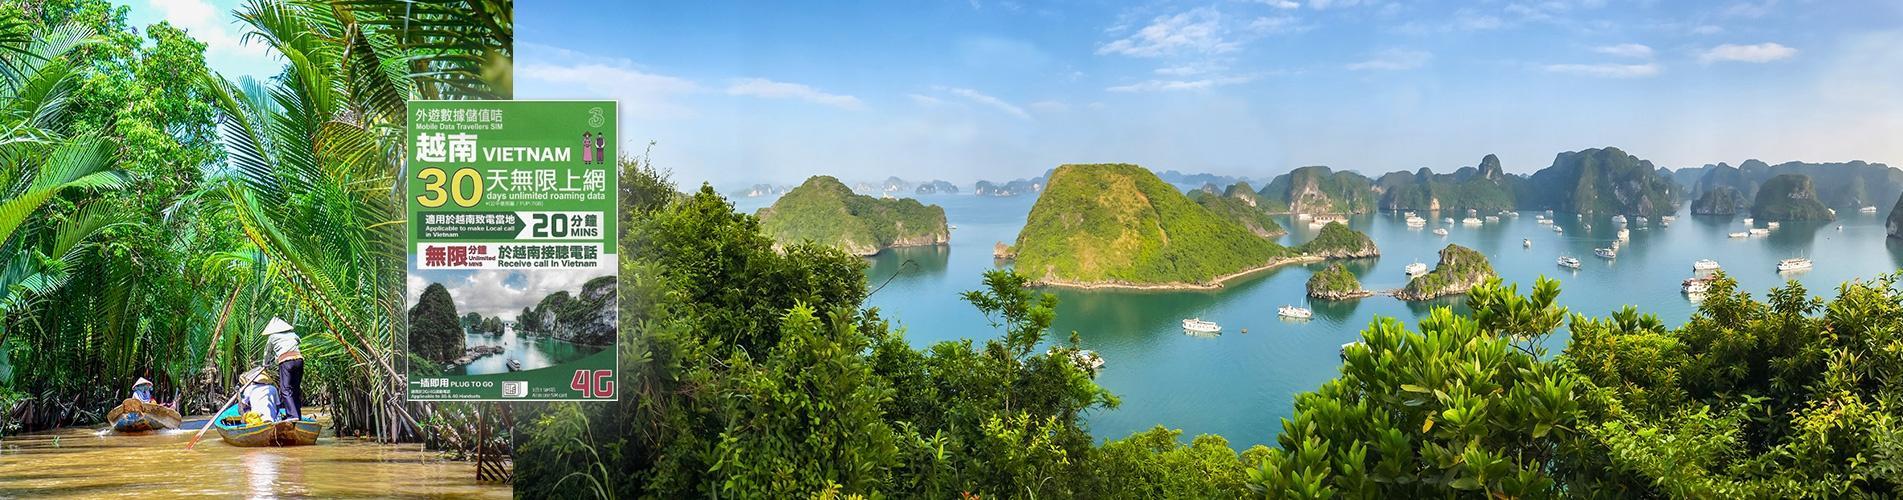 越南電話卡 - 3HK 越南30天無限流量數據及電話卡